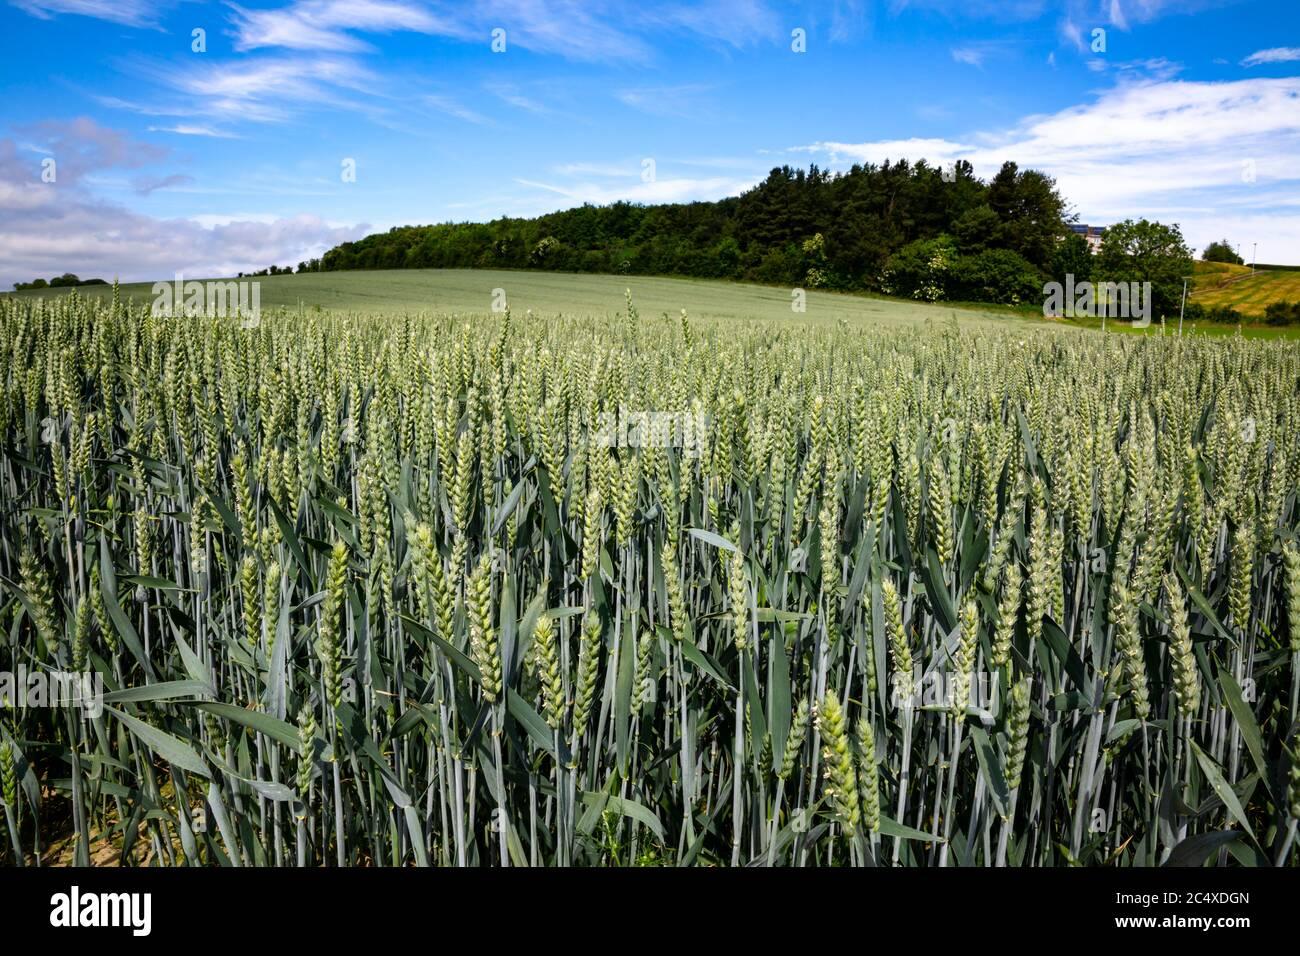 Reifung Ernte von Weizen wächst in einem Feld, Frühsommer, Großbritannien. Stockfoto